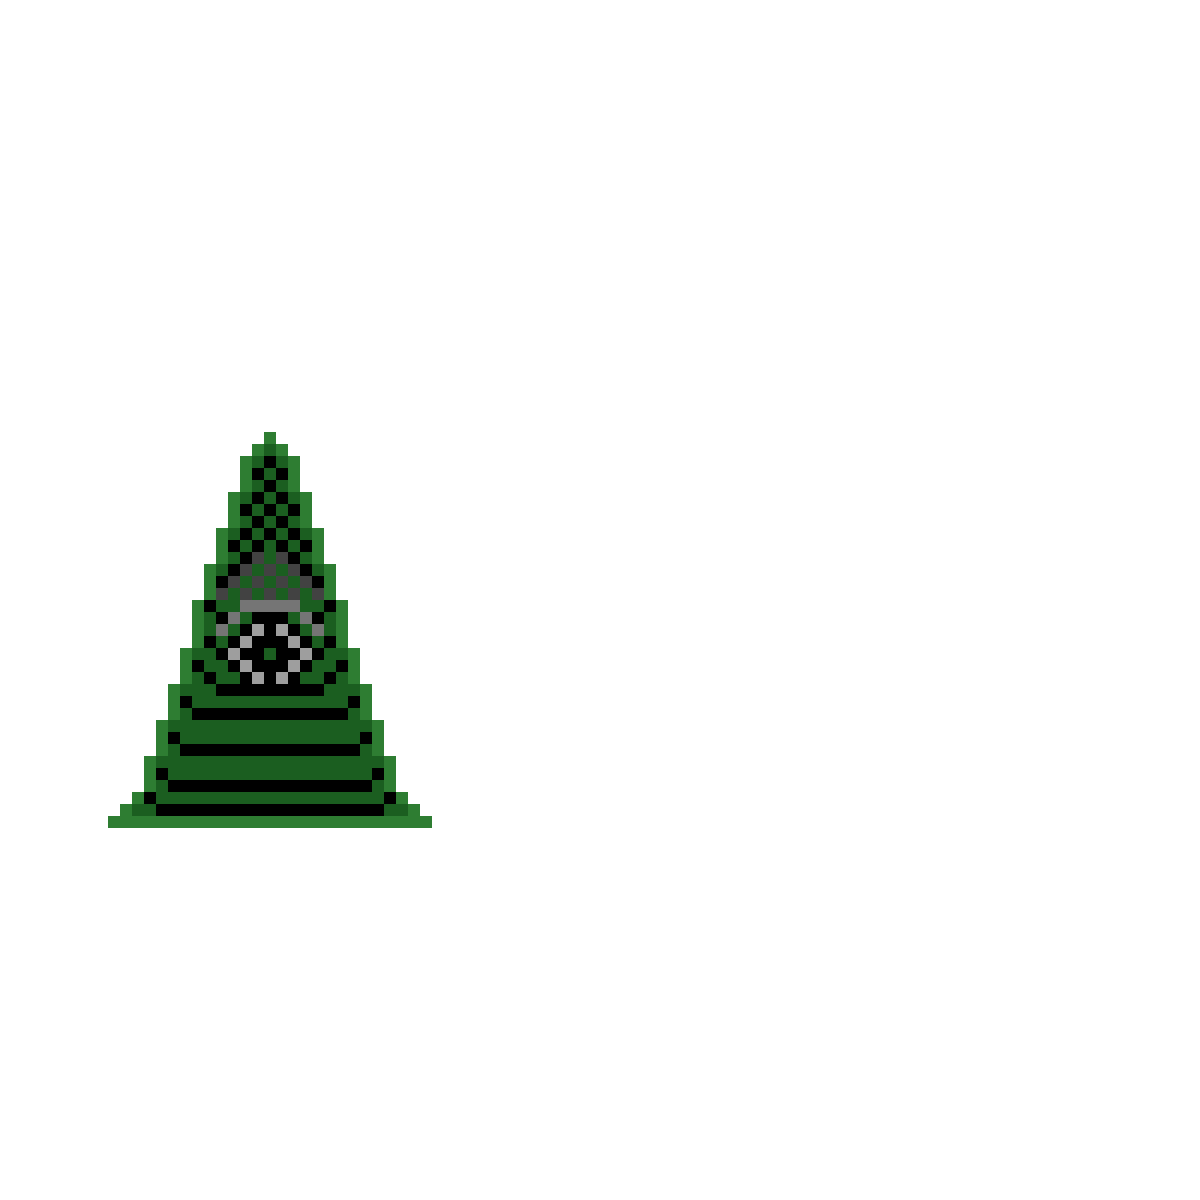 illuminati by jullaindeegan